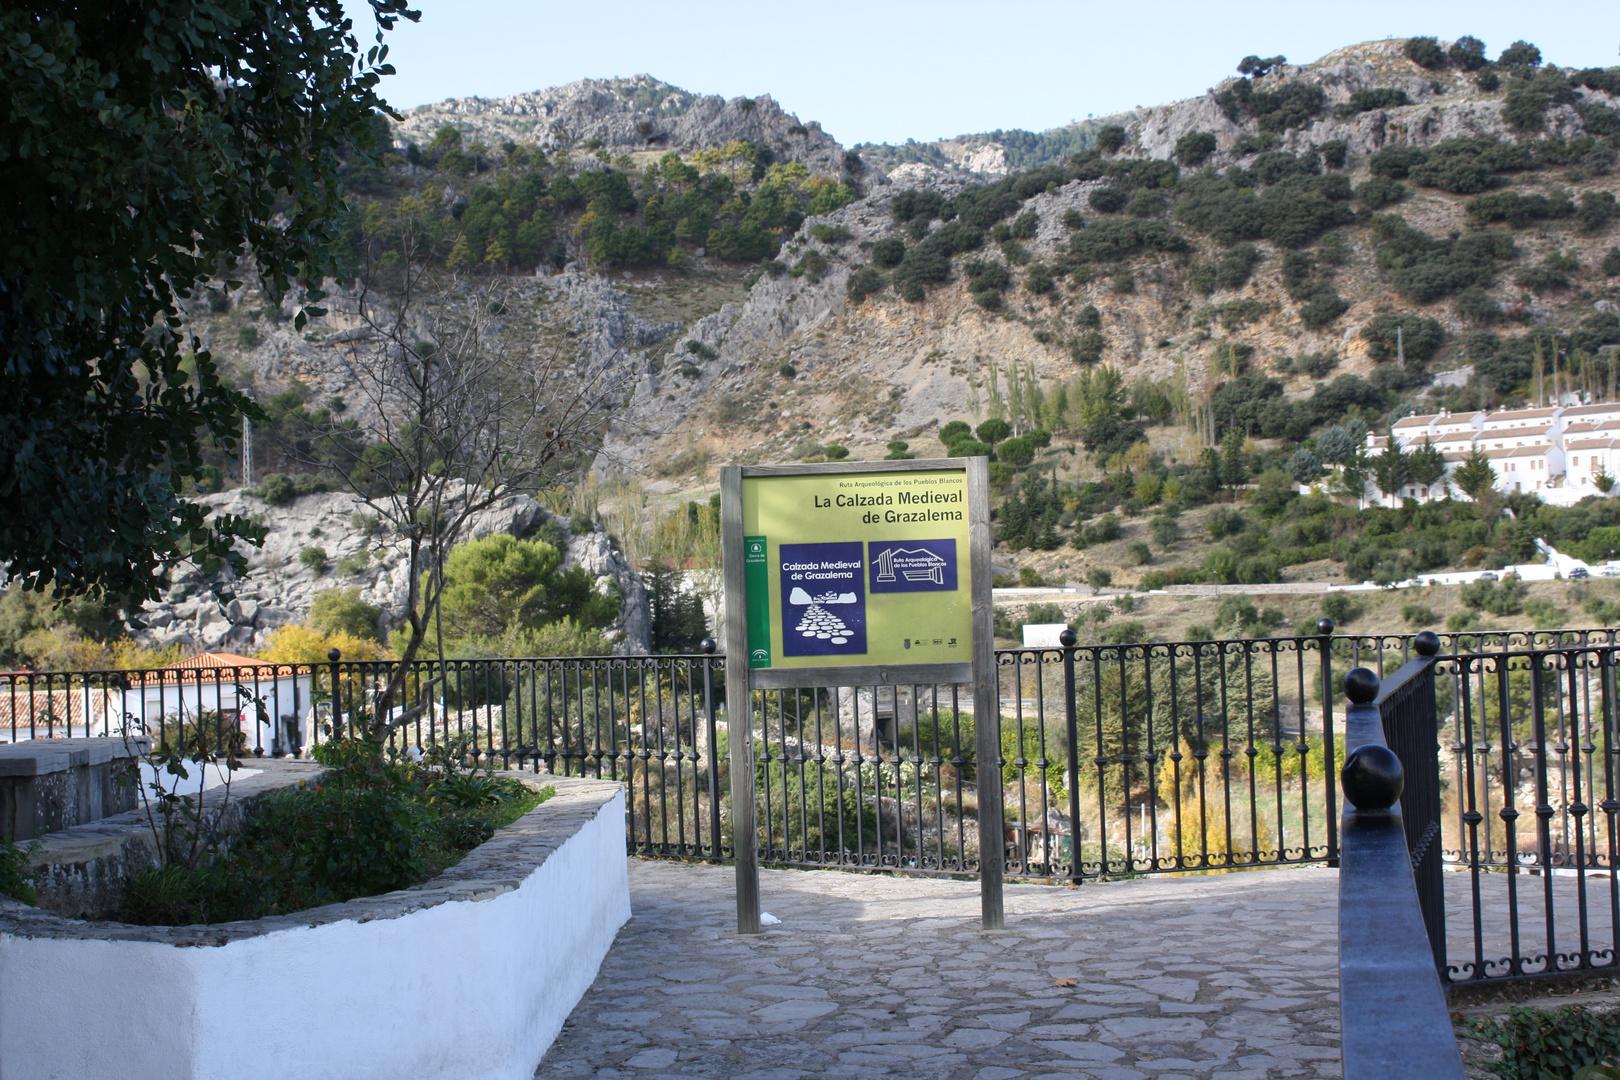 Grazalema Sierra de Cadiz